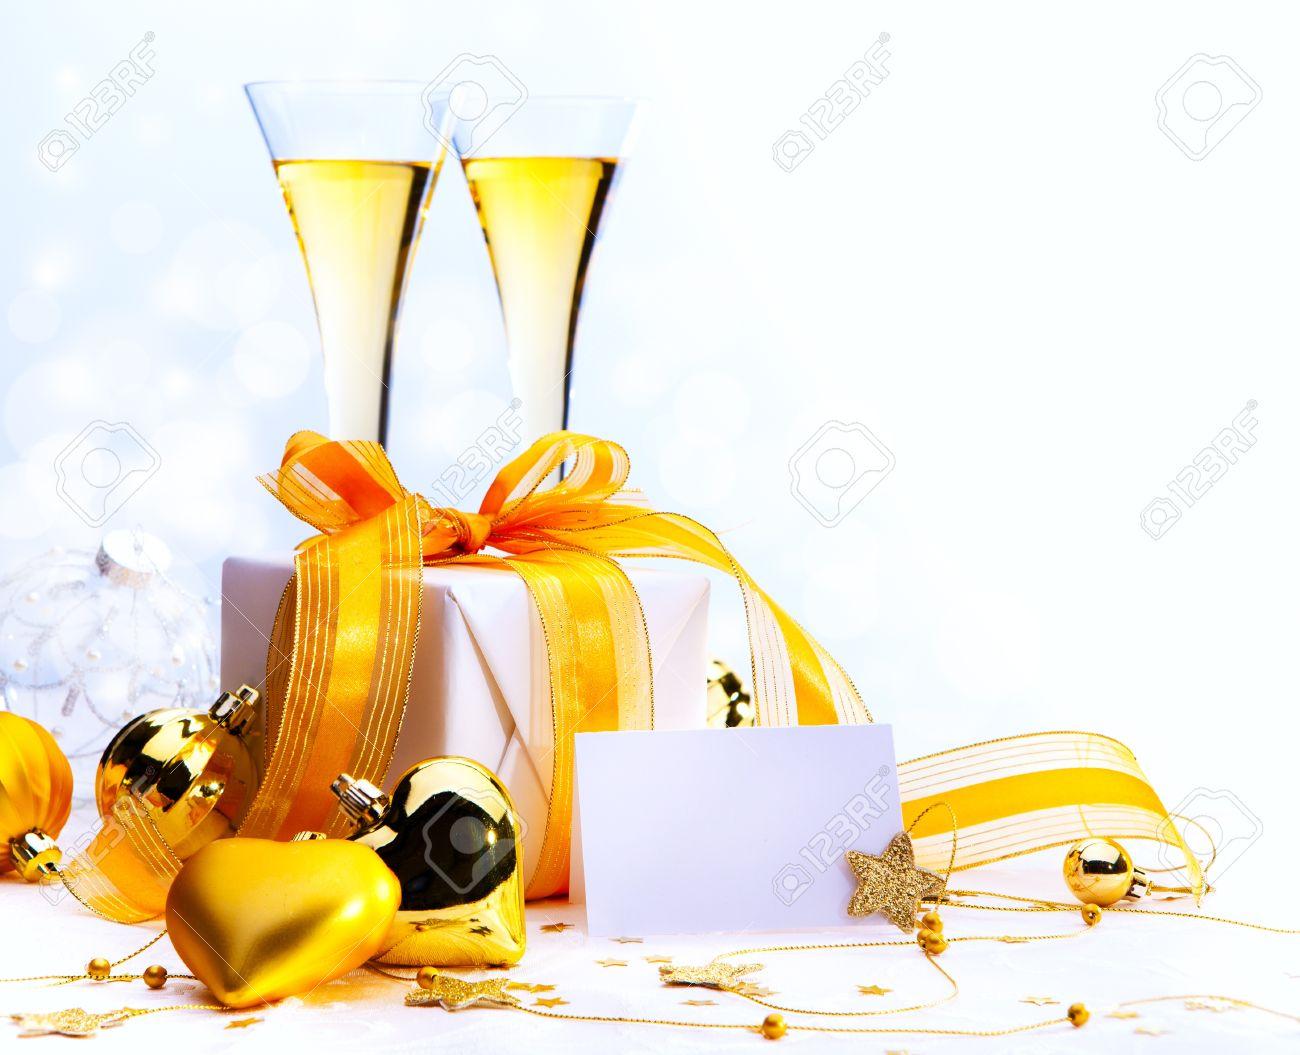 Weihnachts-Grußkarte (Gläser Champagner Wein-und Weihnachtsgeschenke ...